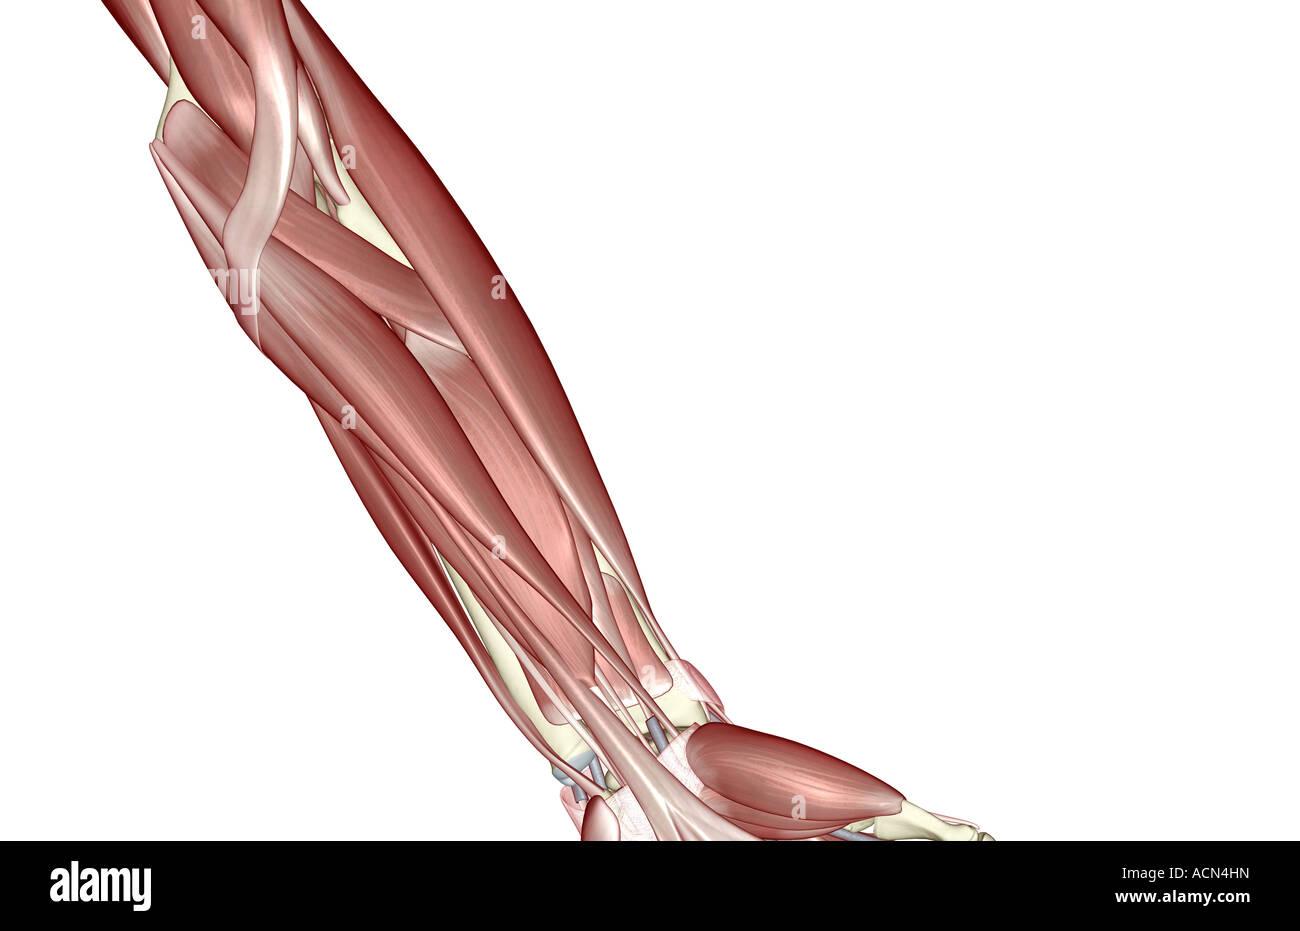 Fantastisch Muskeln Des Unterarms Galerie - Menschliche Anatomie ...